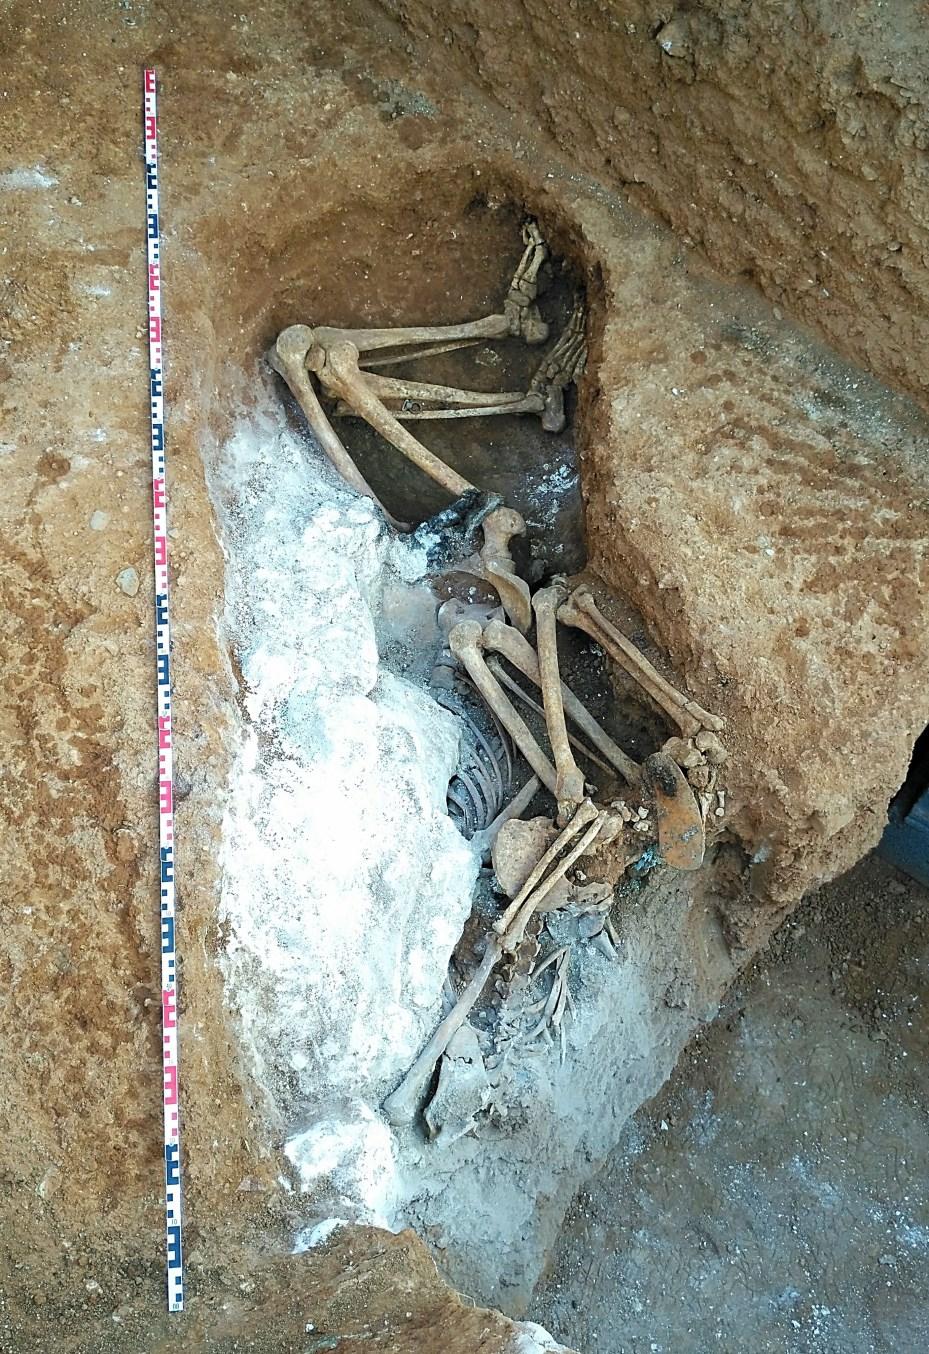 Detall del procés d'excavació de les dues inhumacions amb la capa de calç viva que les cobria. Foto: Esther Medina